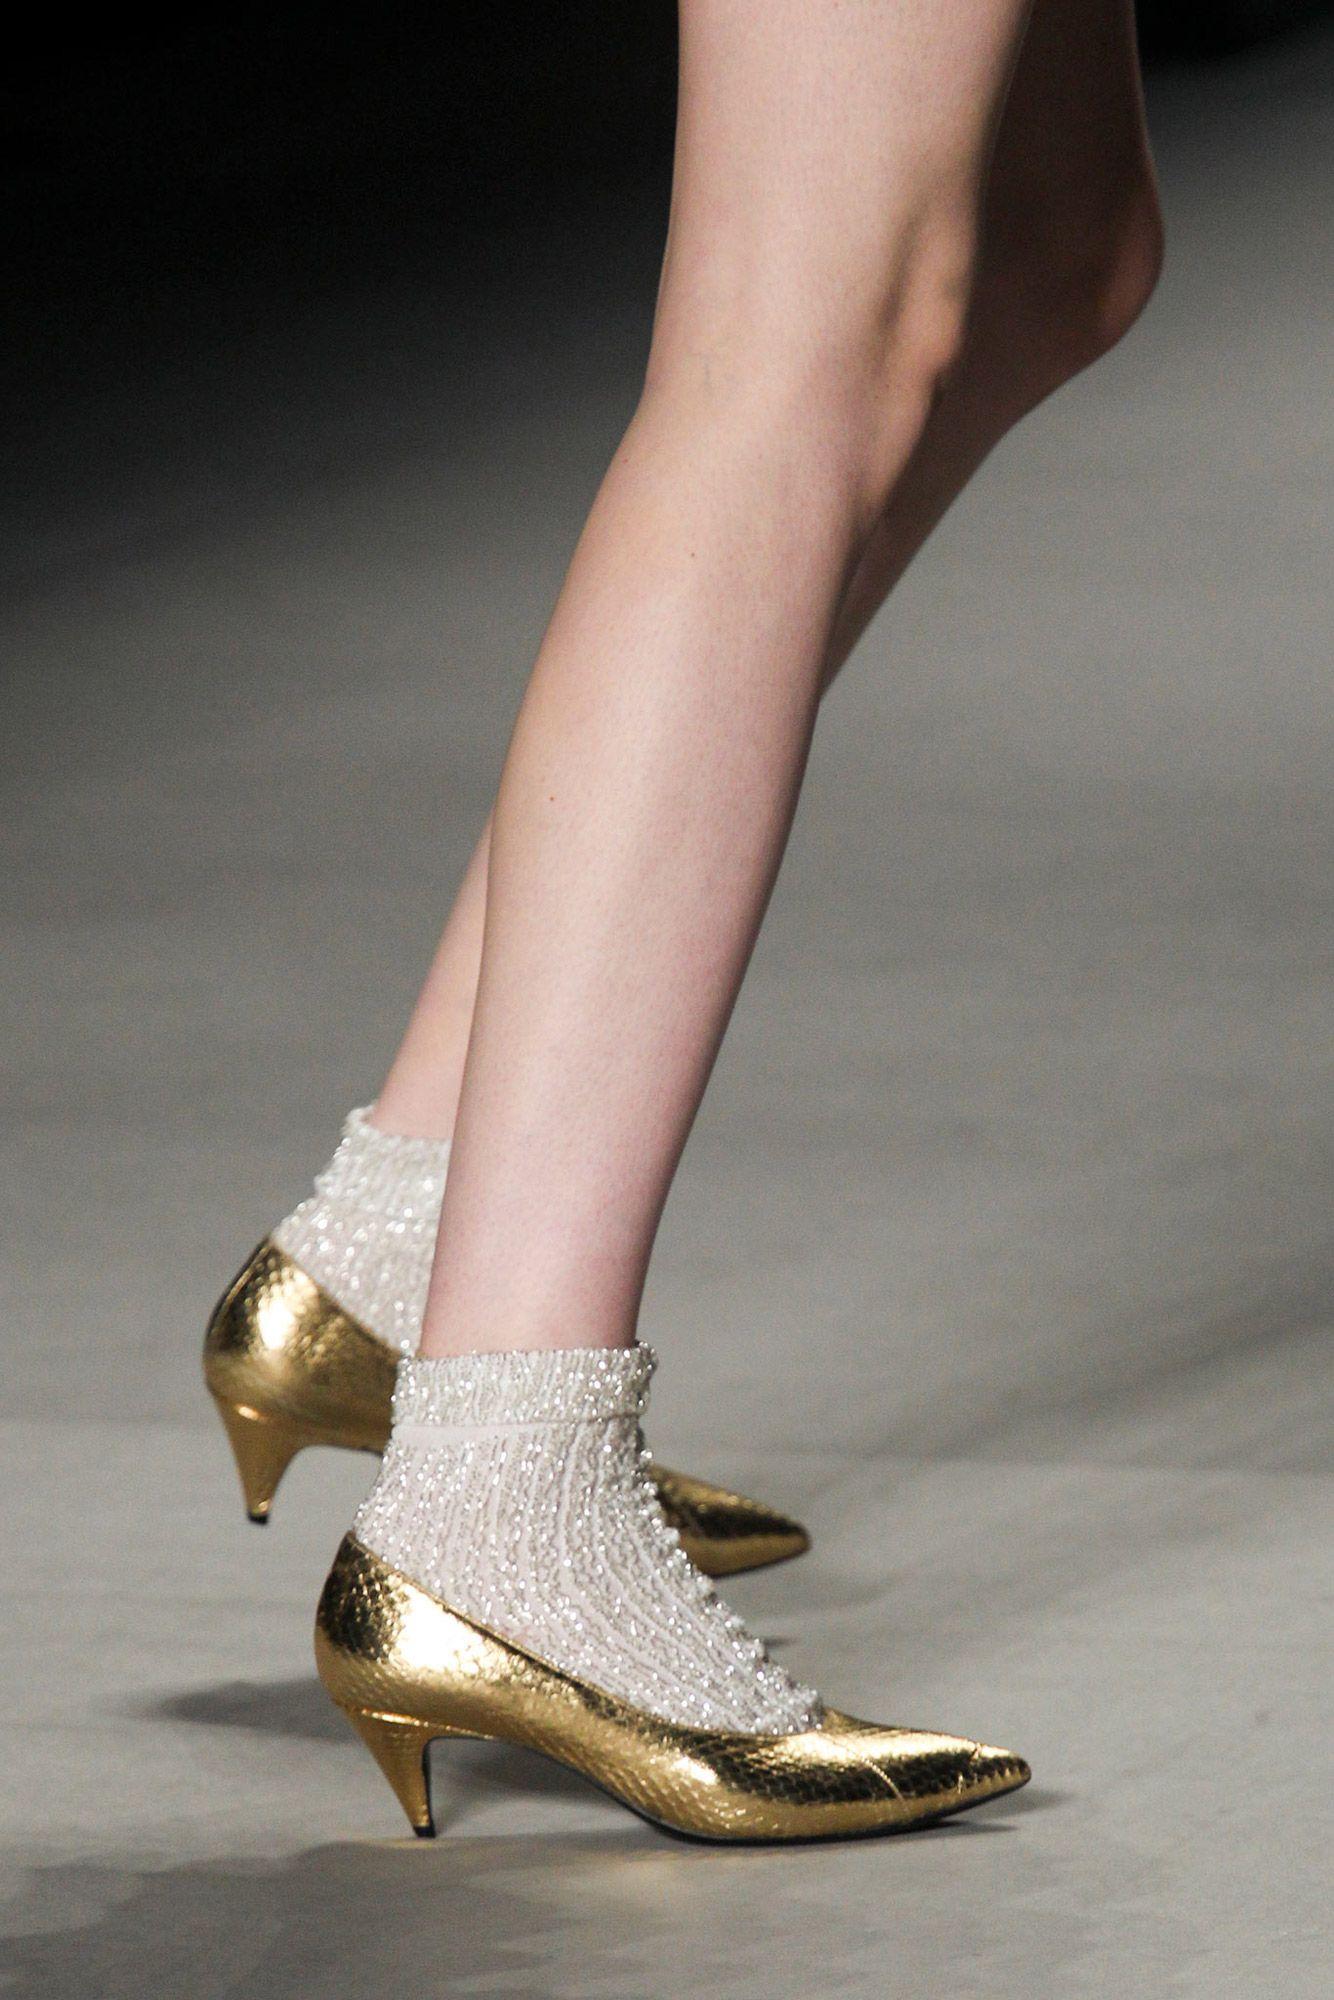 Hedi S Heels Socks And Heels Heels Gold Kitten Heels